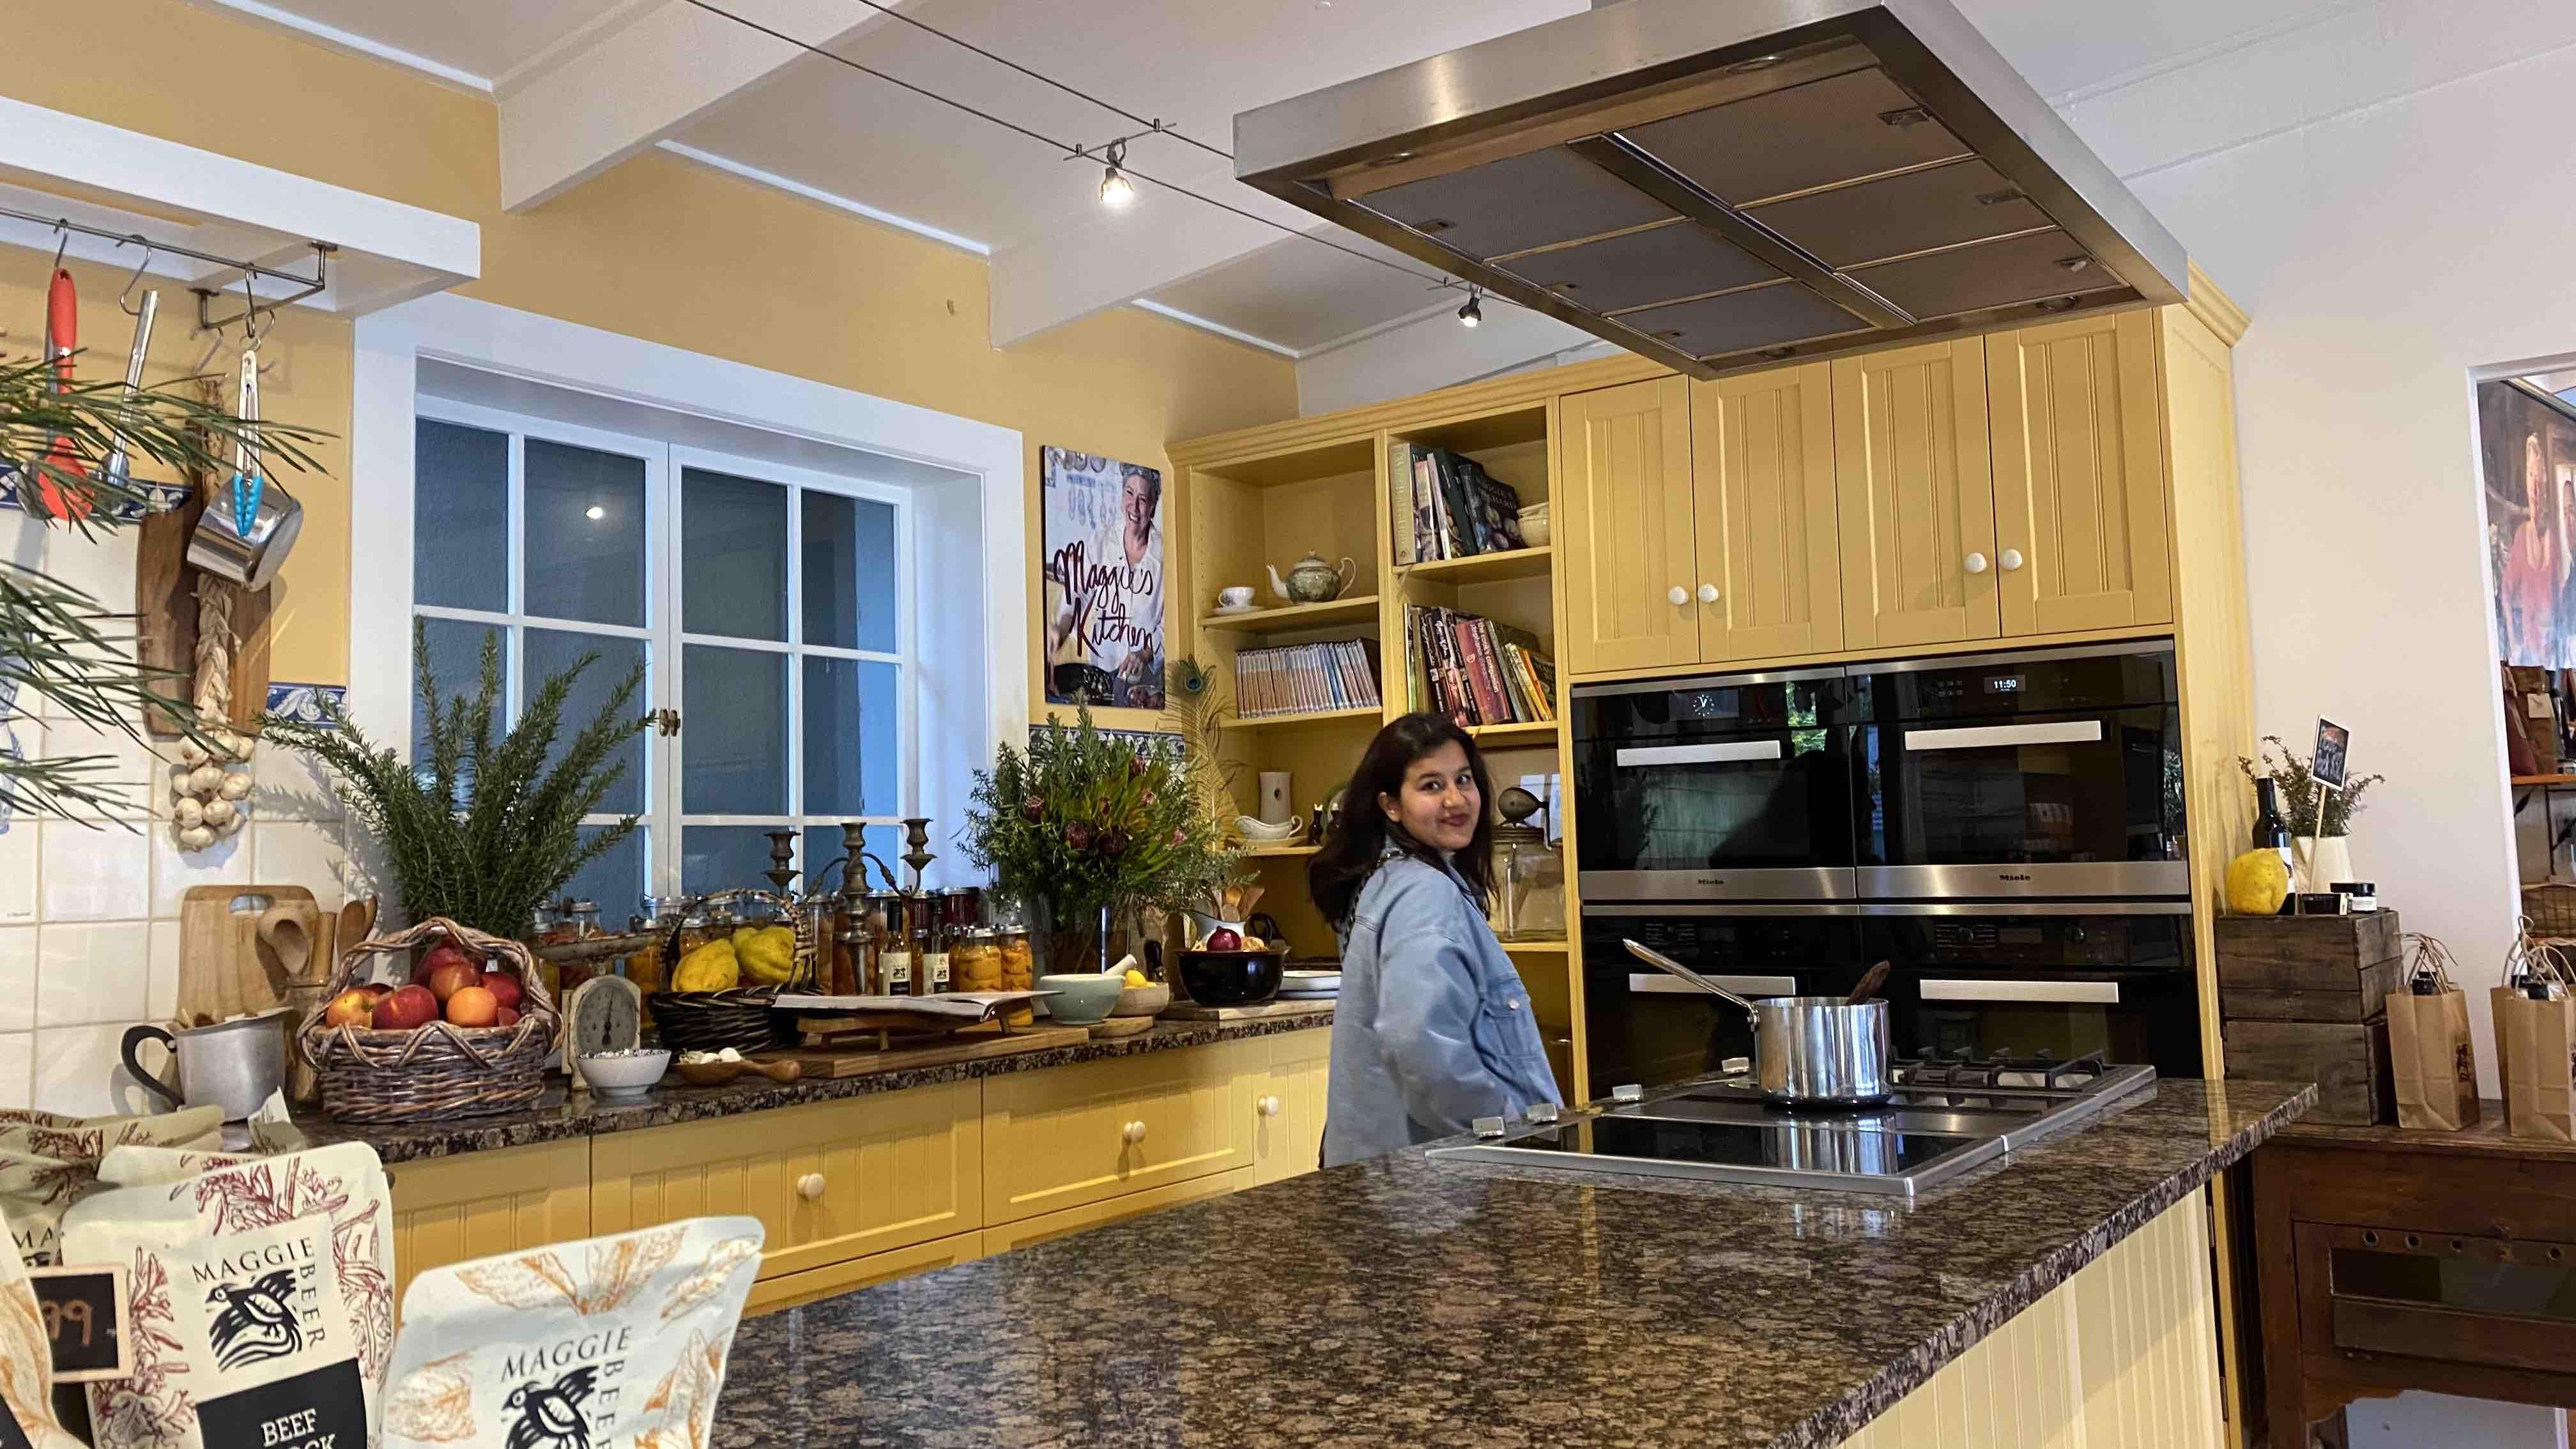 Maggie beer farm kitchen tv set